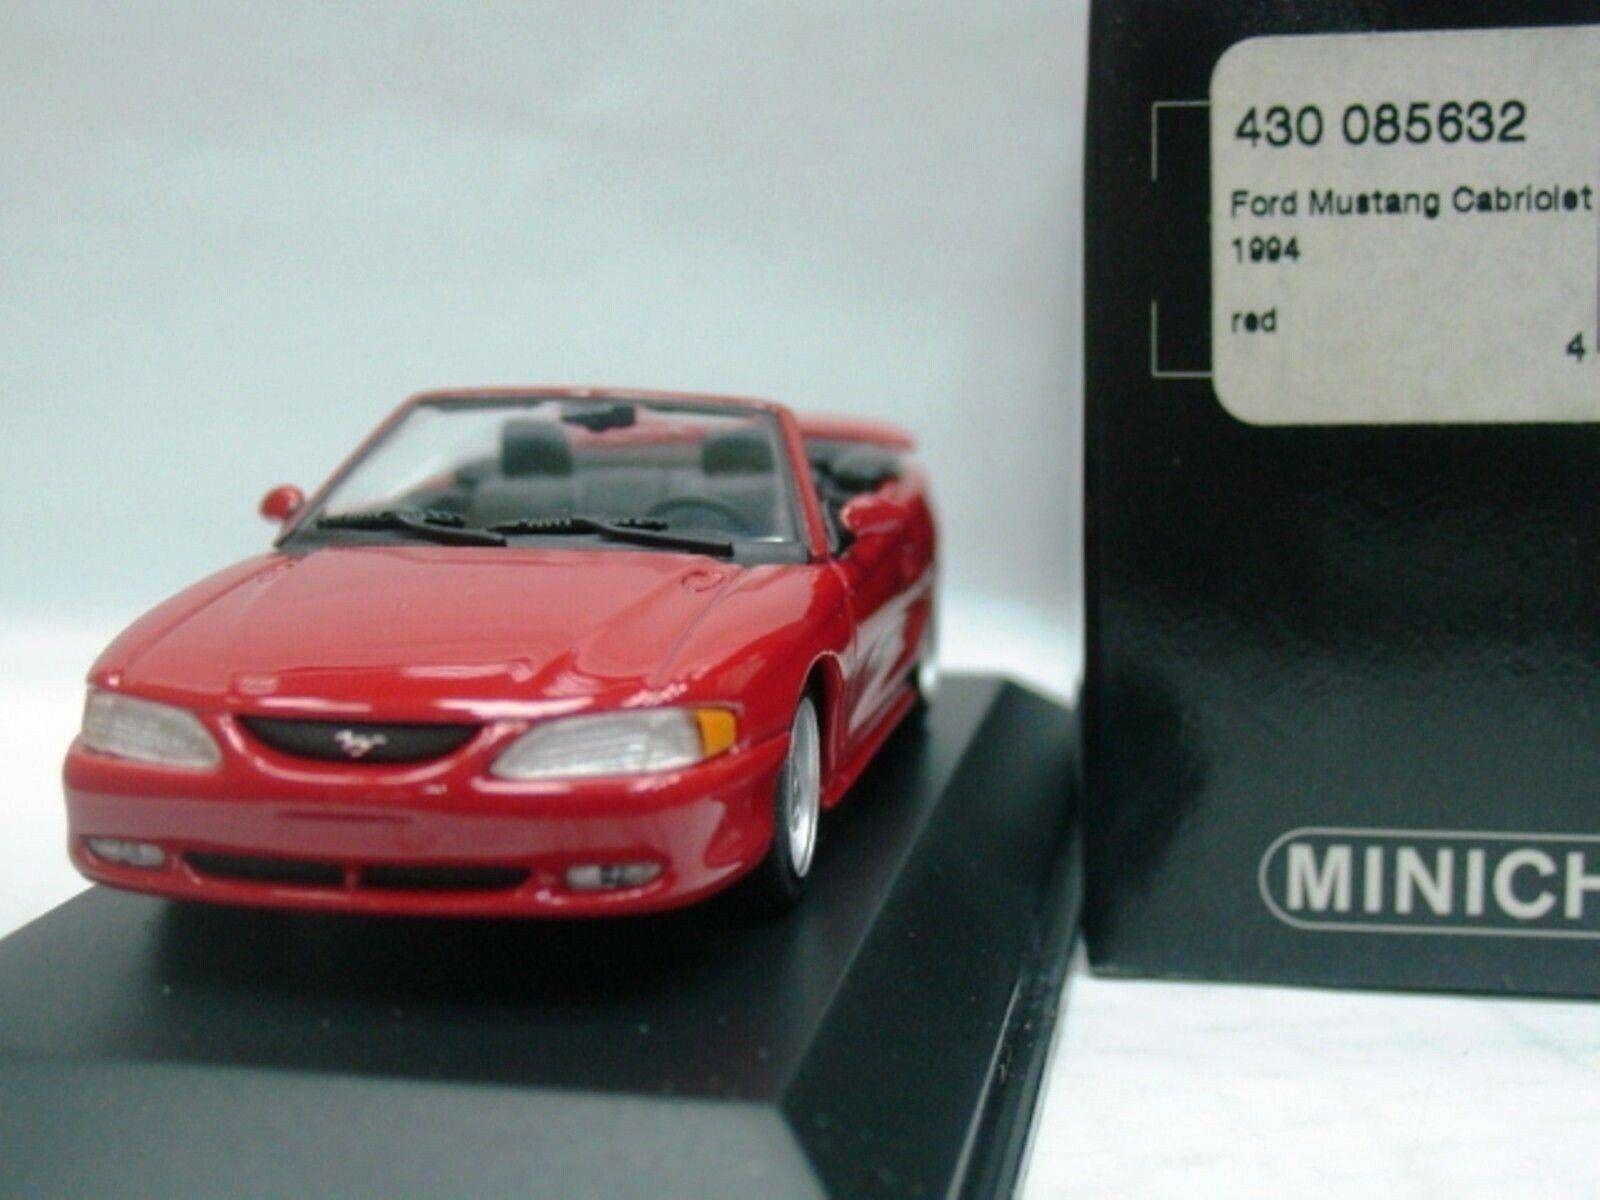 WOW estremamente RARA FORD MUSTANG GT V8 1994 CABRIO rosso 1 43 Minichamps - 2005